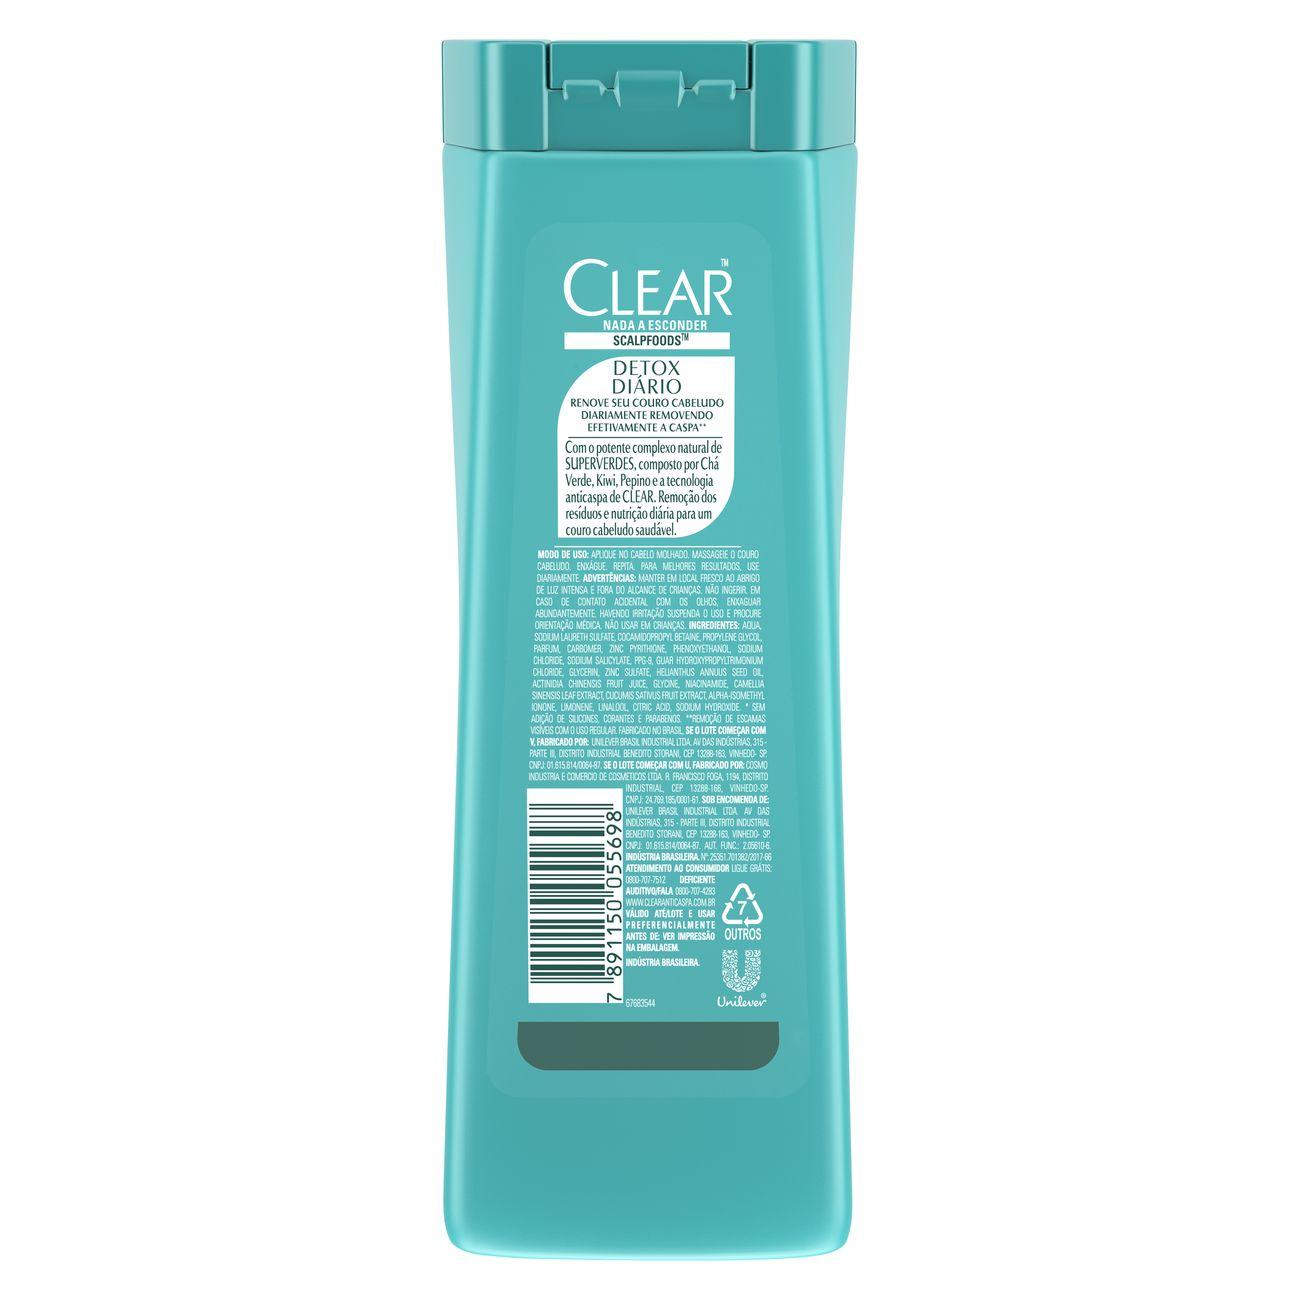 Shampoo Anticaspa Clear Detox Di�rio 200ml